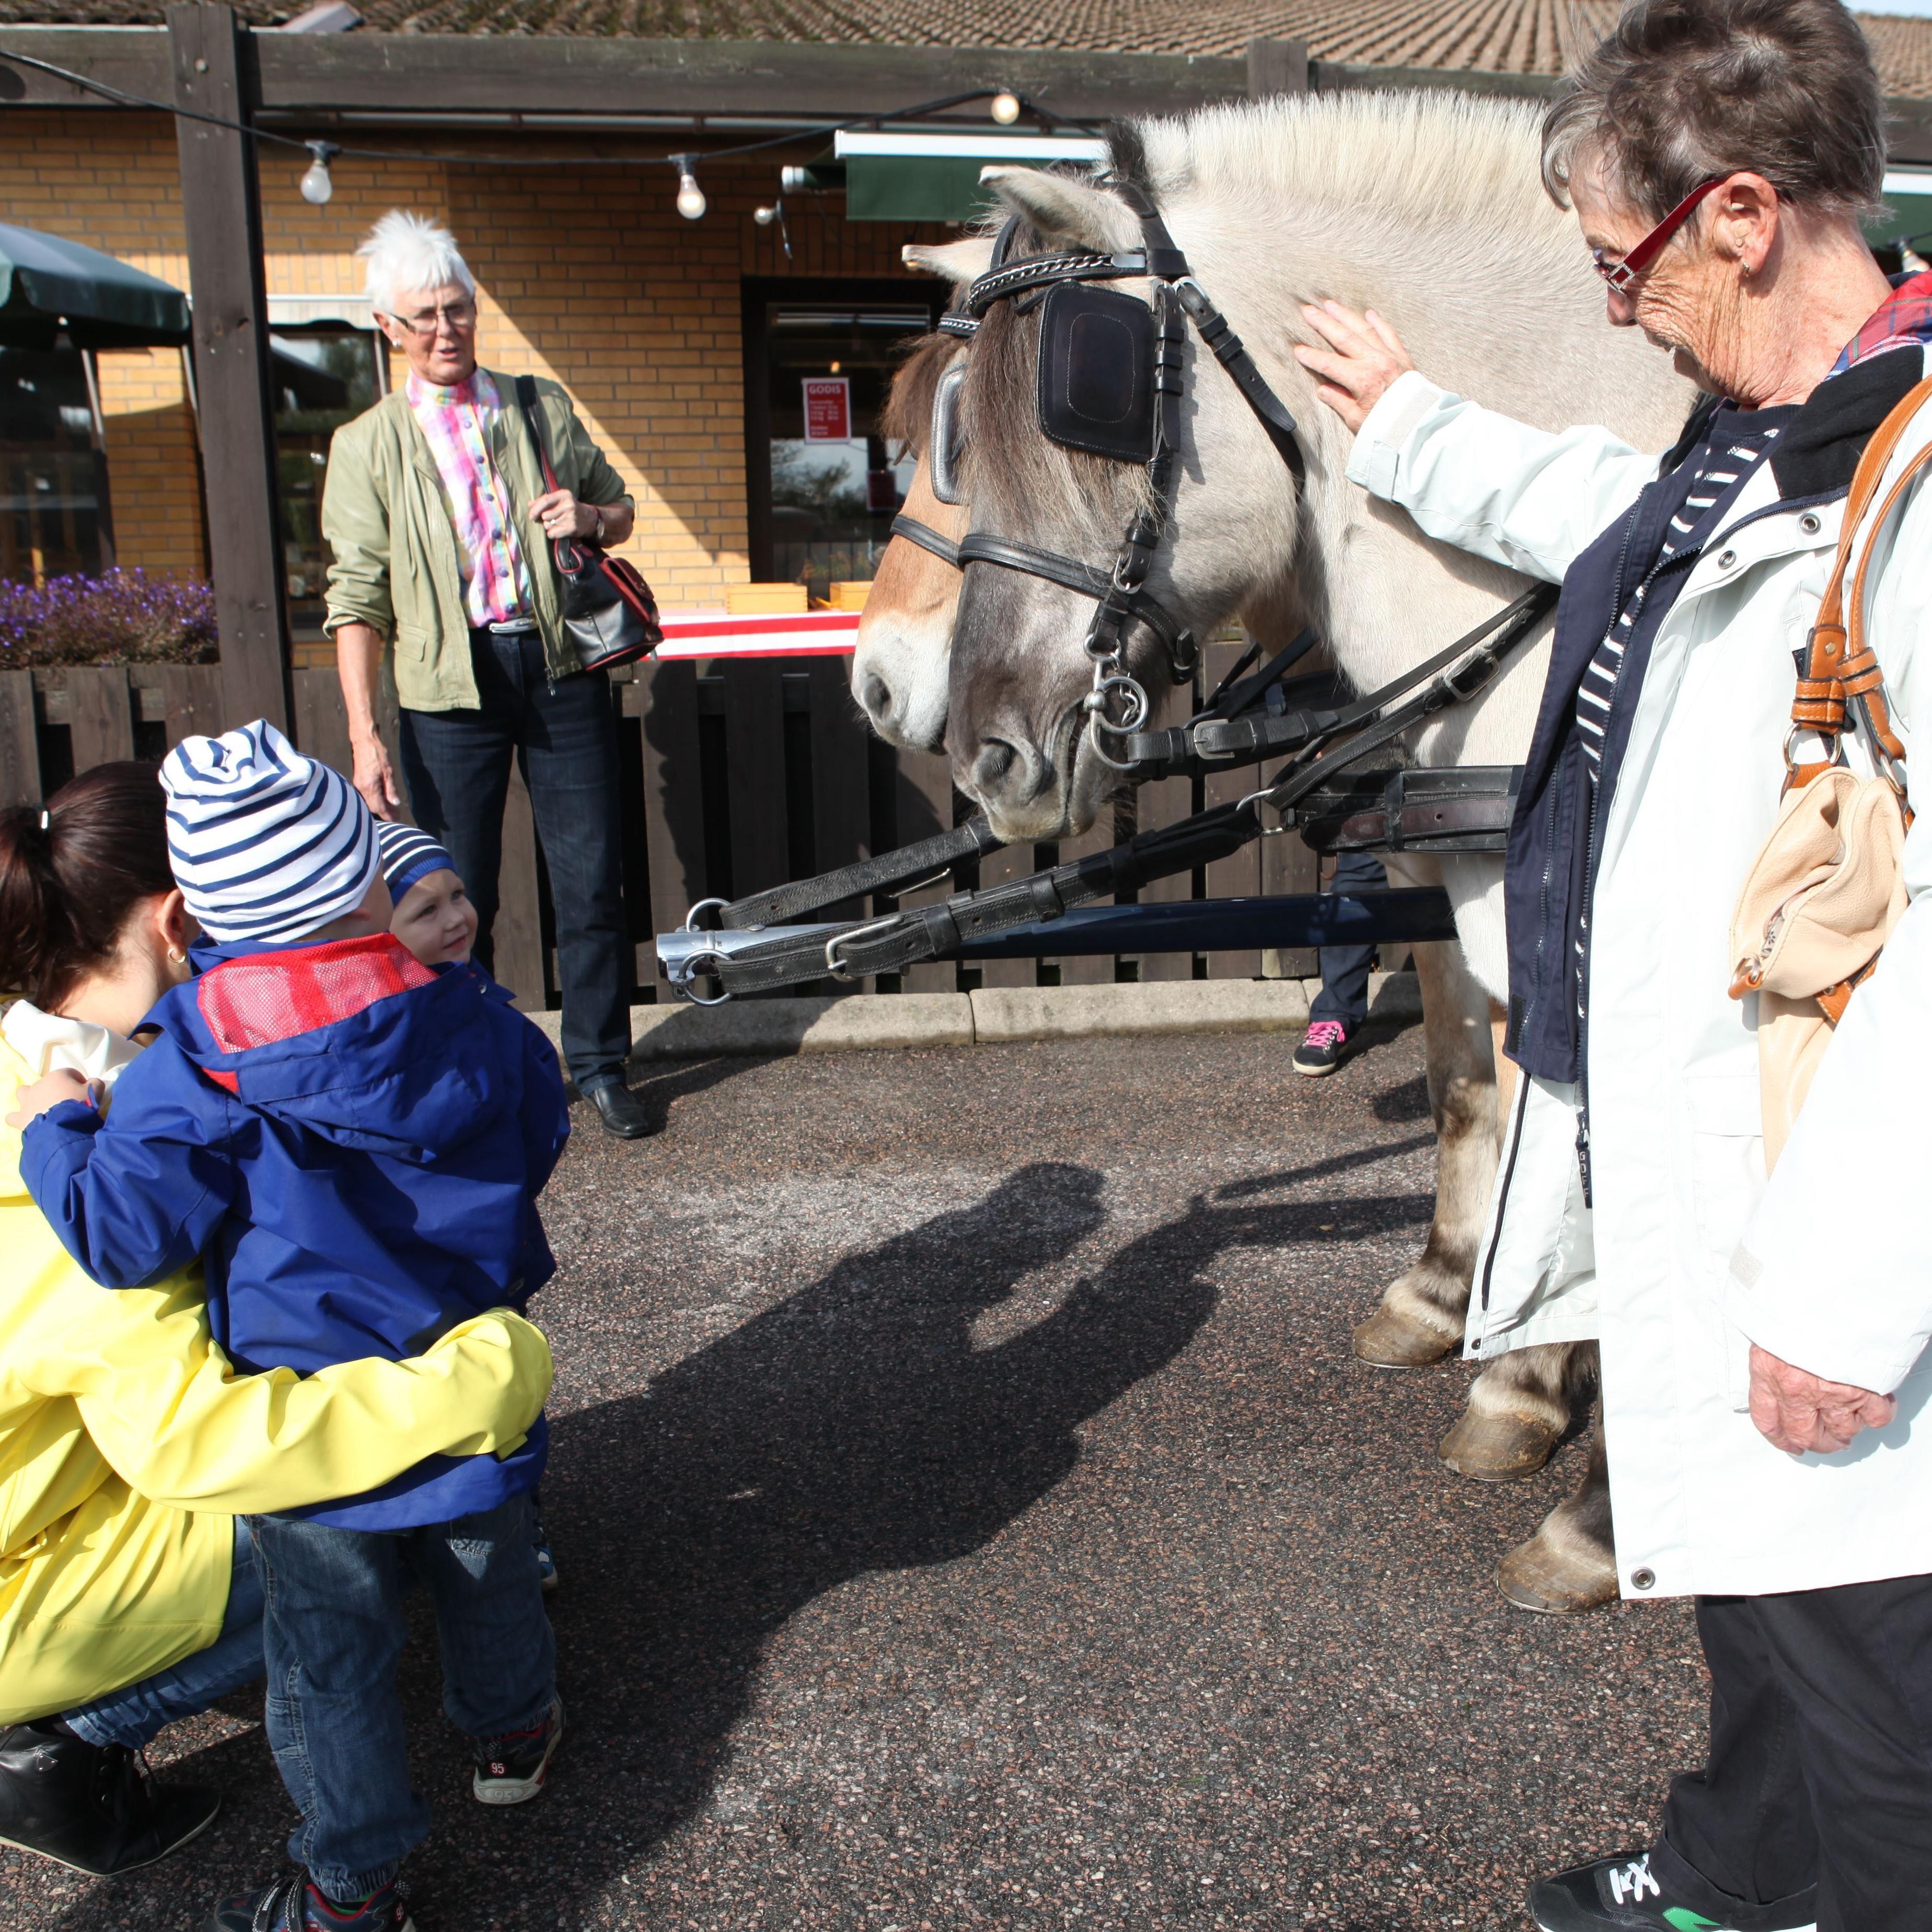 © Kävlinge kommun, Häst och vagn på Gammaldags marknad 2014